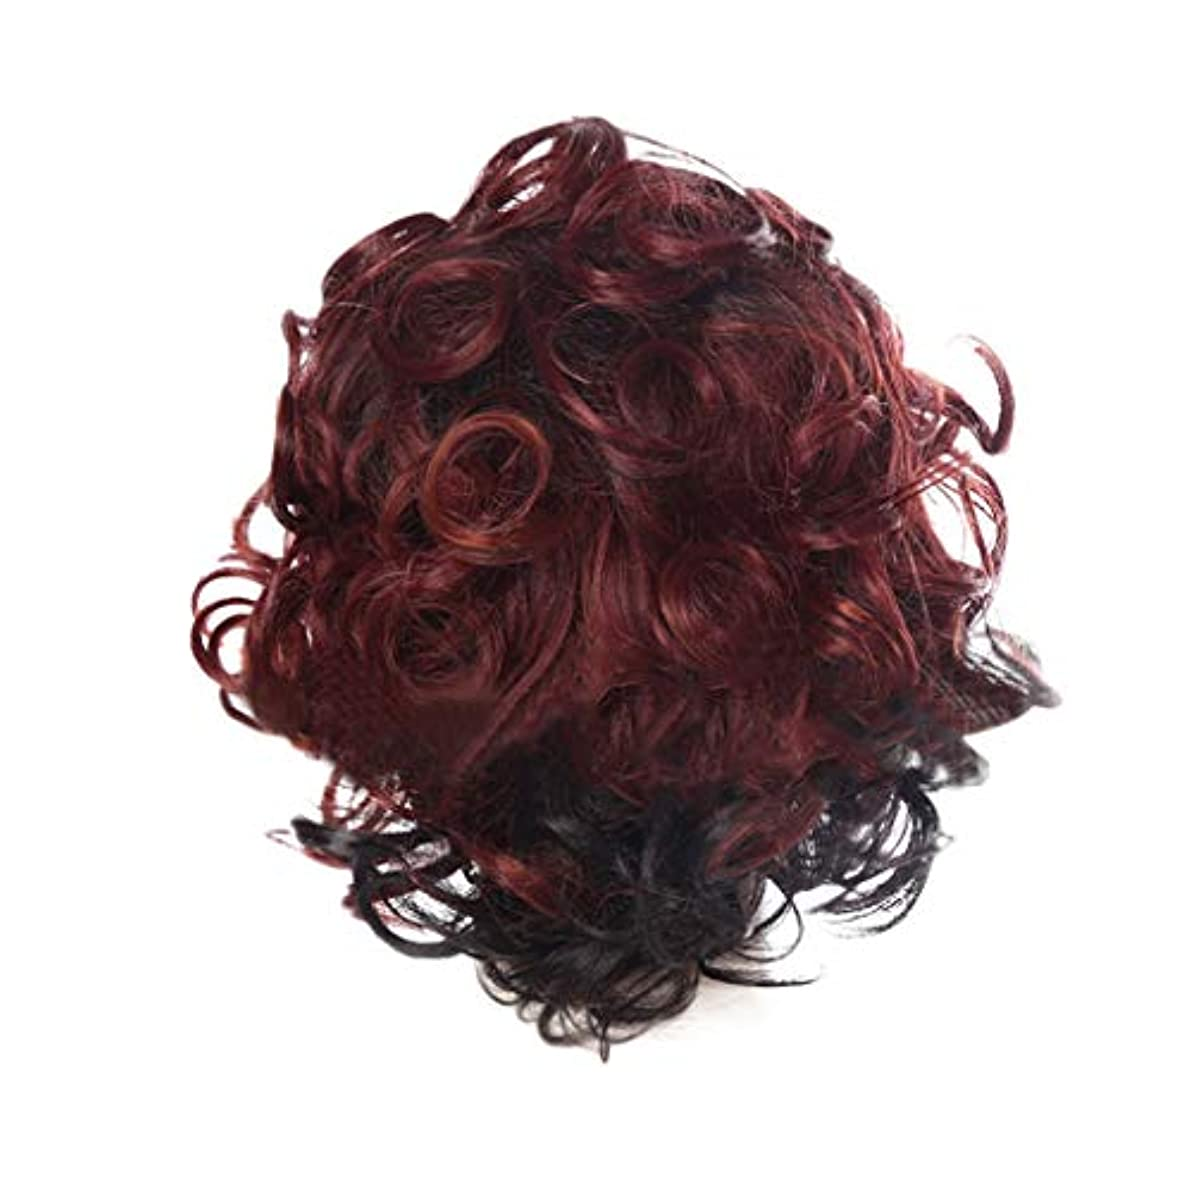 努力するバウンス国勢調査女性の赤い短い巻き毛の人格爆発ヘッドかつら35 cmをかつら